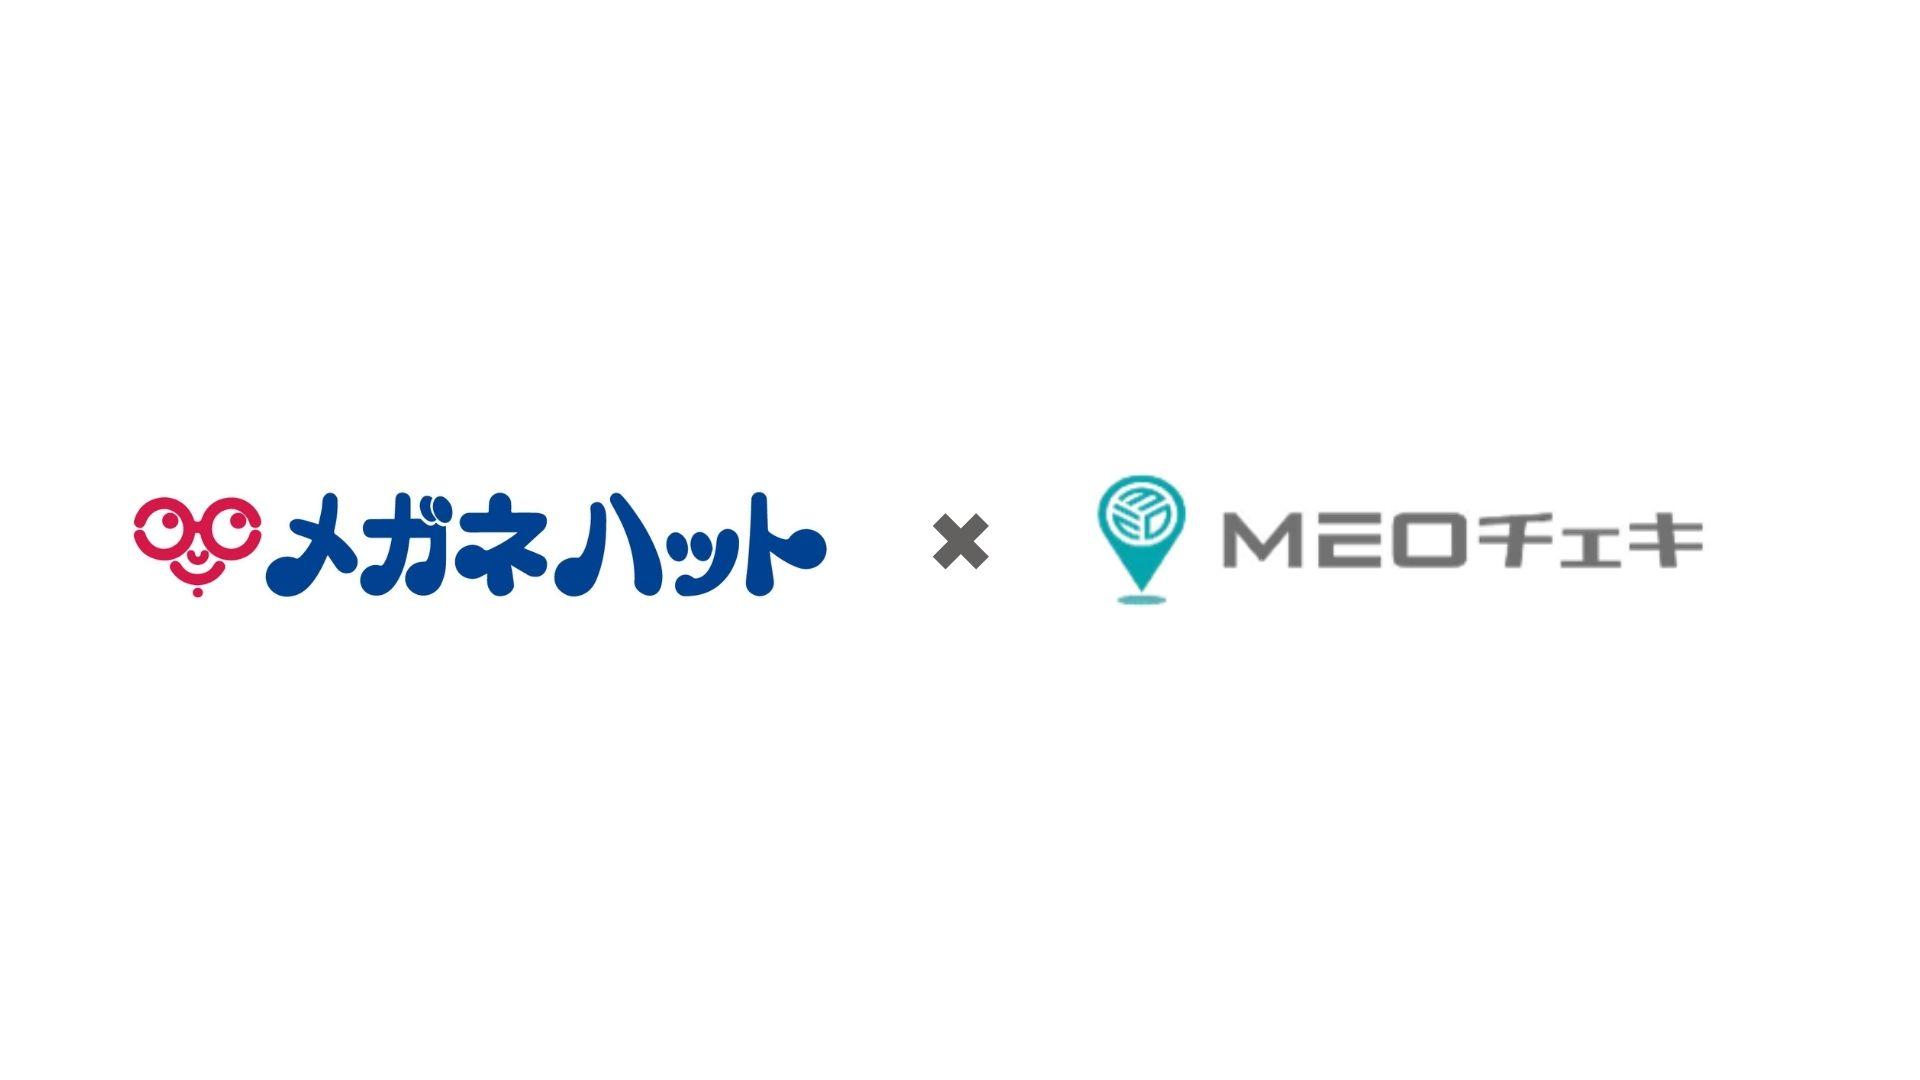 【眼鏡販売事業必見】関東でメガネ販売店を展開する「株式会社アーバン」がGoogleマイビジネスを一元管理・分析することのできる「MEOチェキfor複数店舗」を導入!